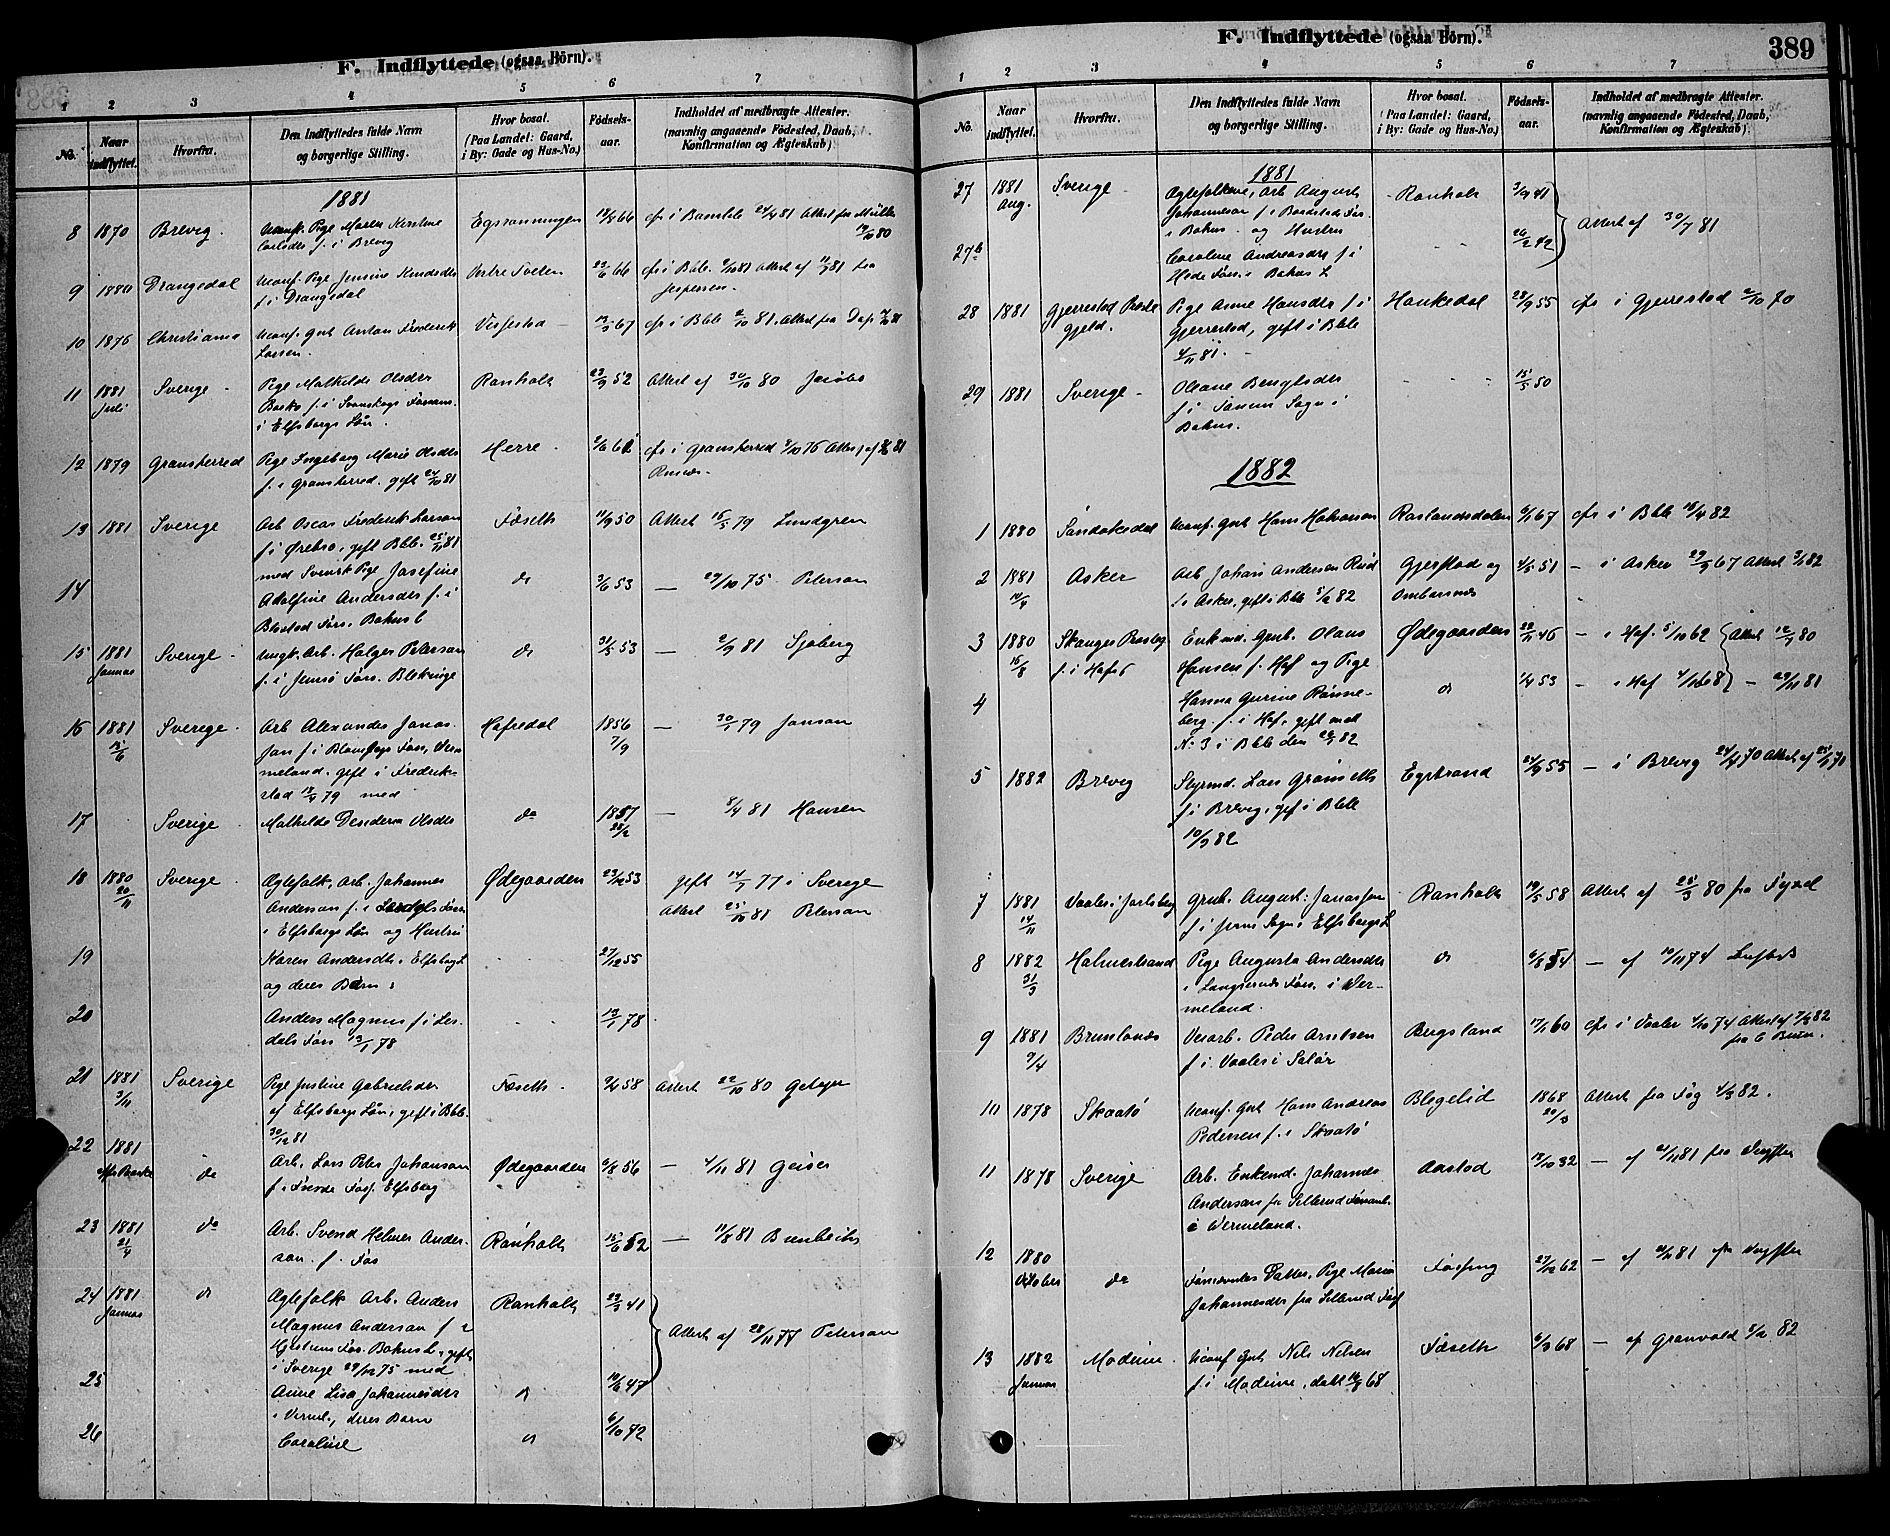 SAKO, Bamble kirkebøker, G/Ga/L0008: Klokkerbok nr. I 8, 1878-1888, s. 389